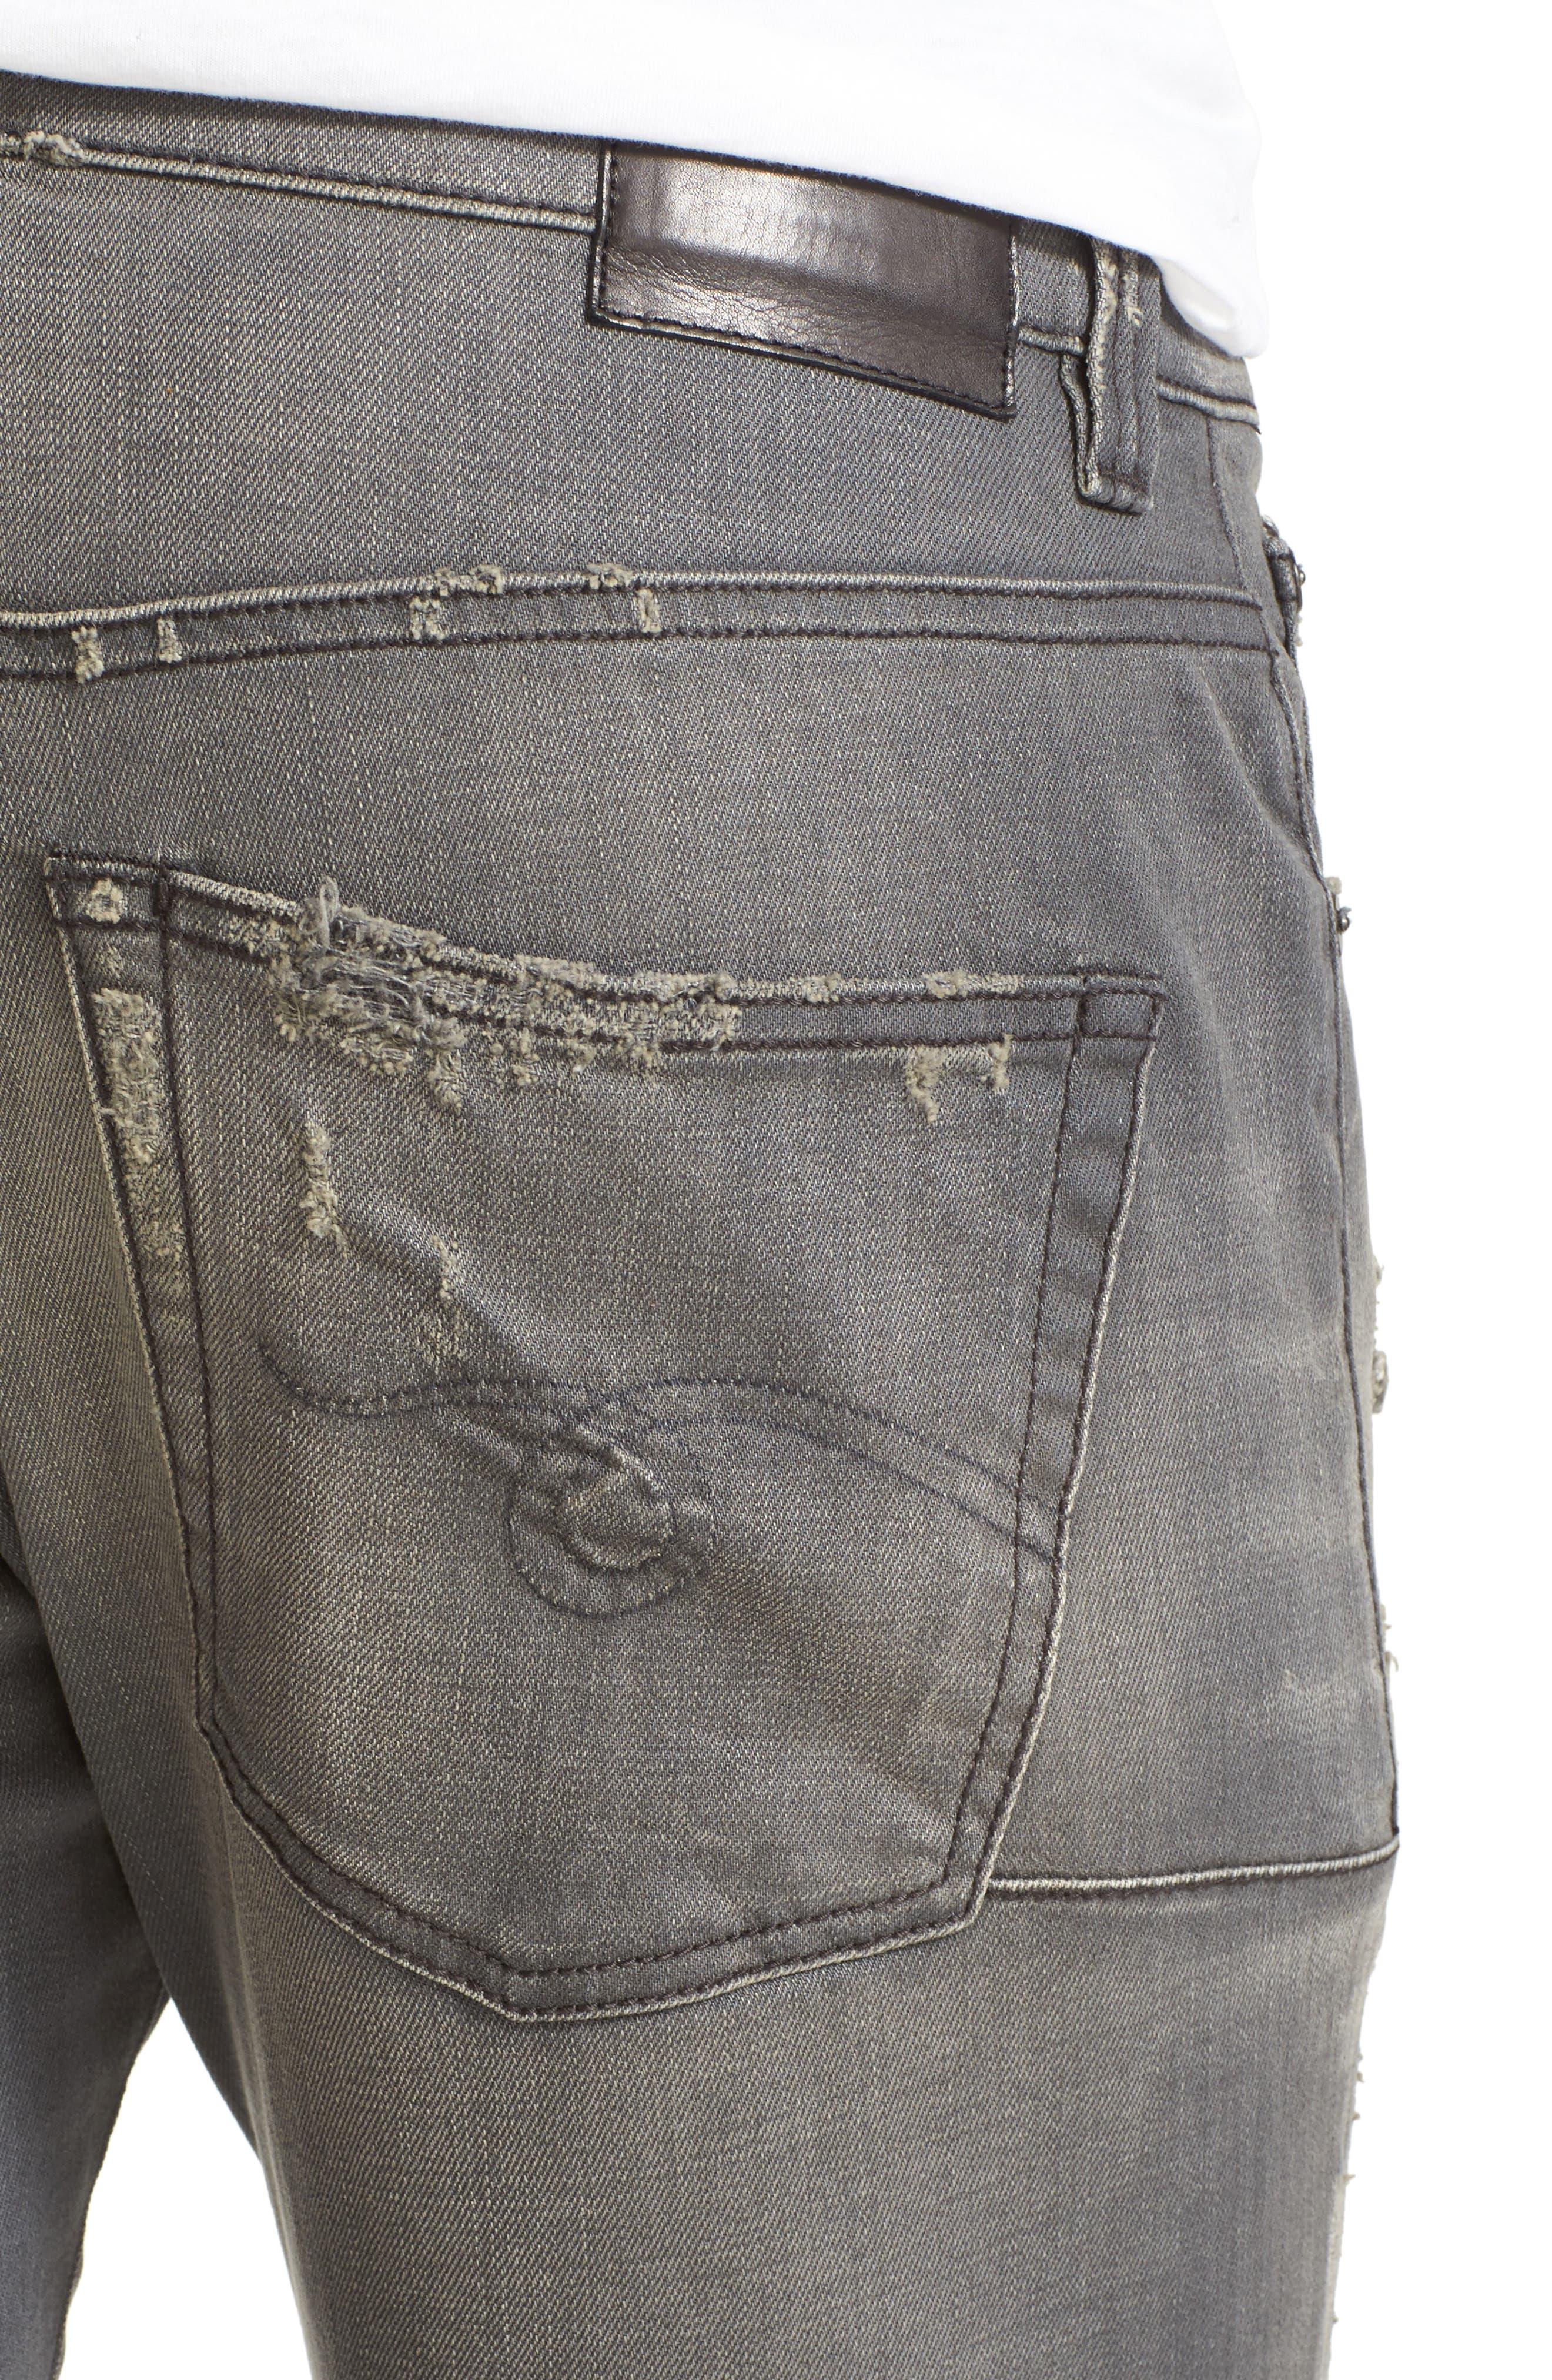 Skate Shredded Skinny Jeans,                             Alternate thumbnail 4, color,                             Grey